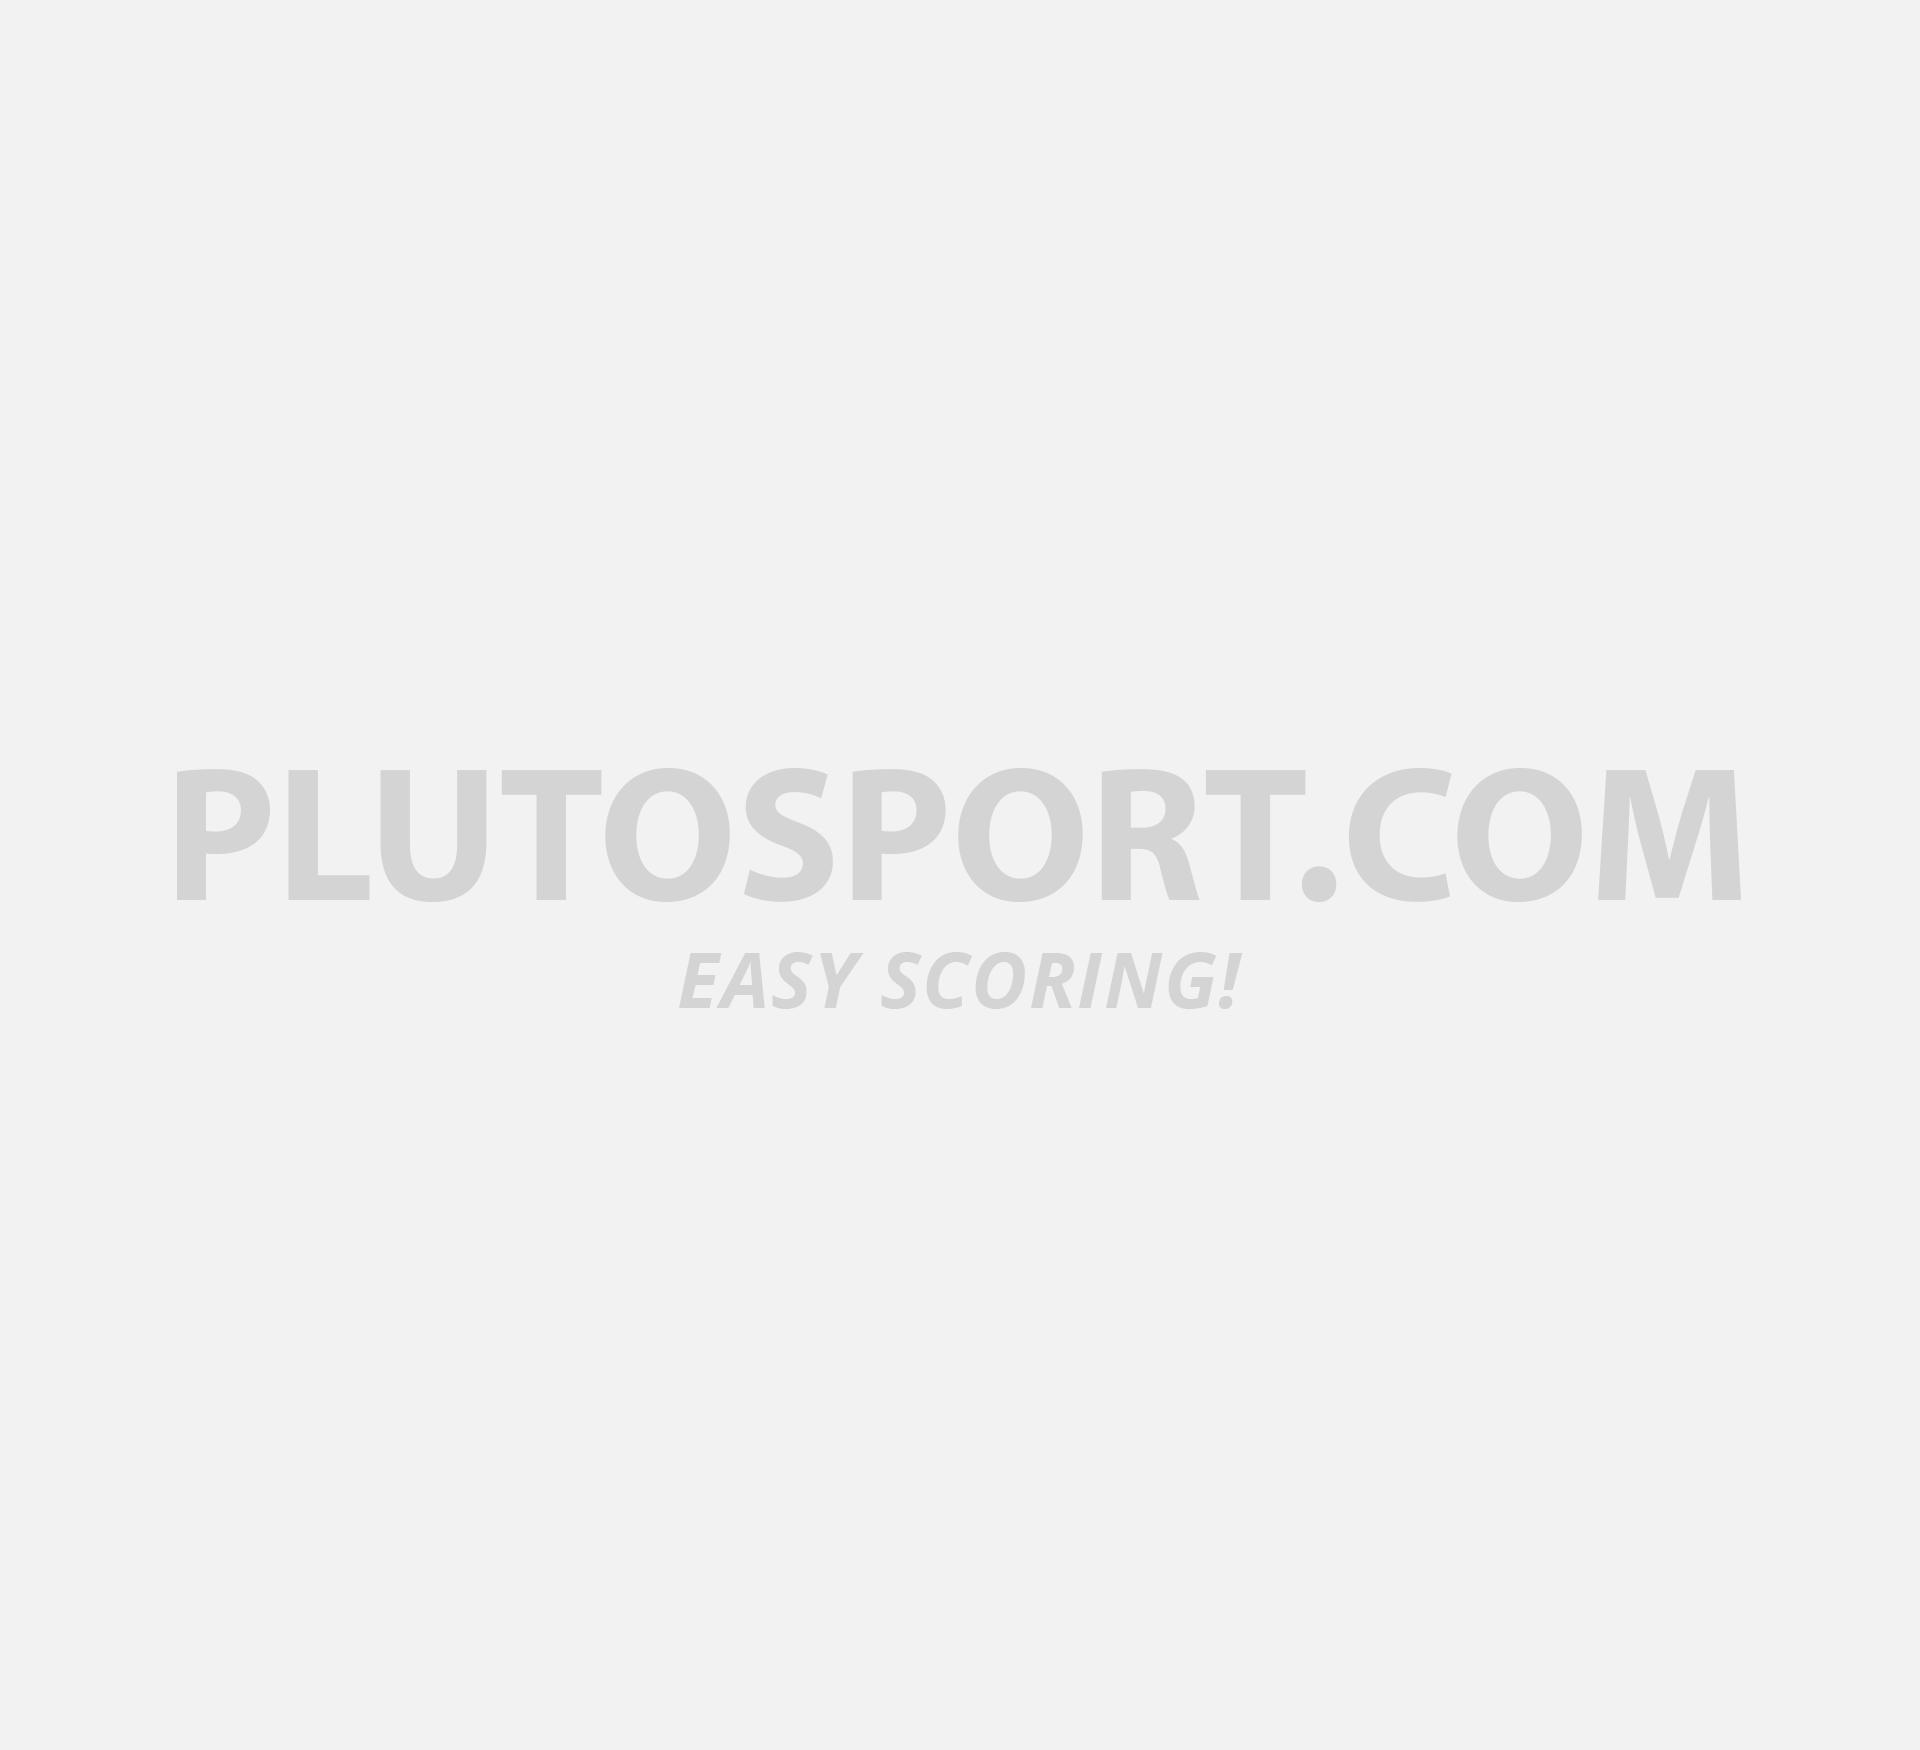 size 40 ca382 c44d5 Adidas Cloudfoam Flow - Sneakers - Shoes - Lifestyle - Sports  Plutosport